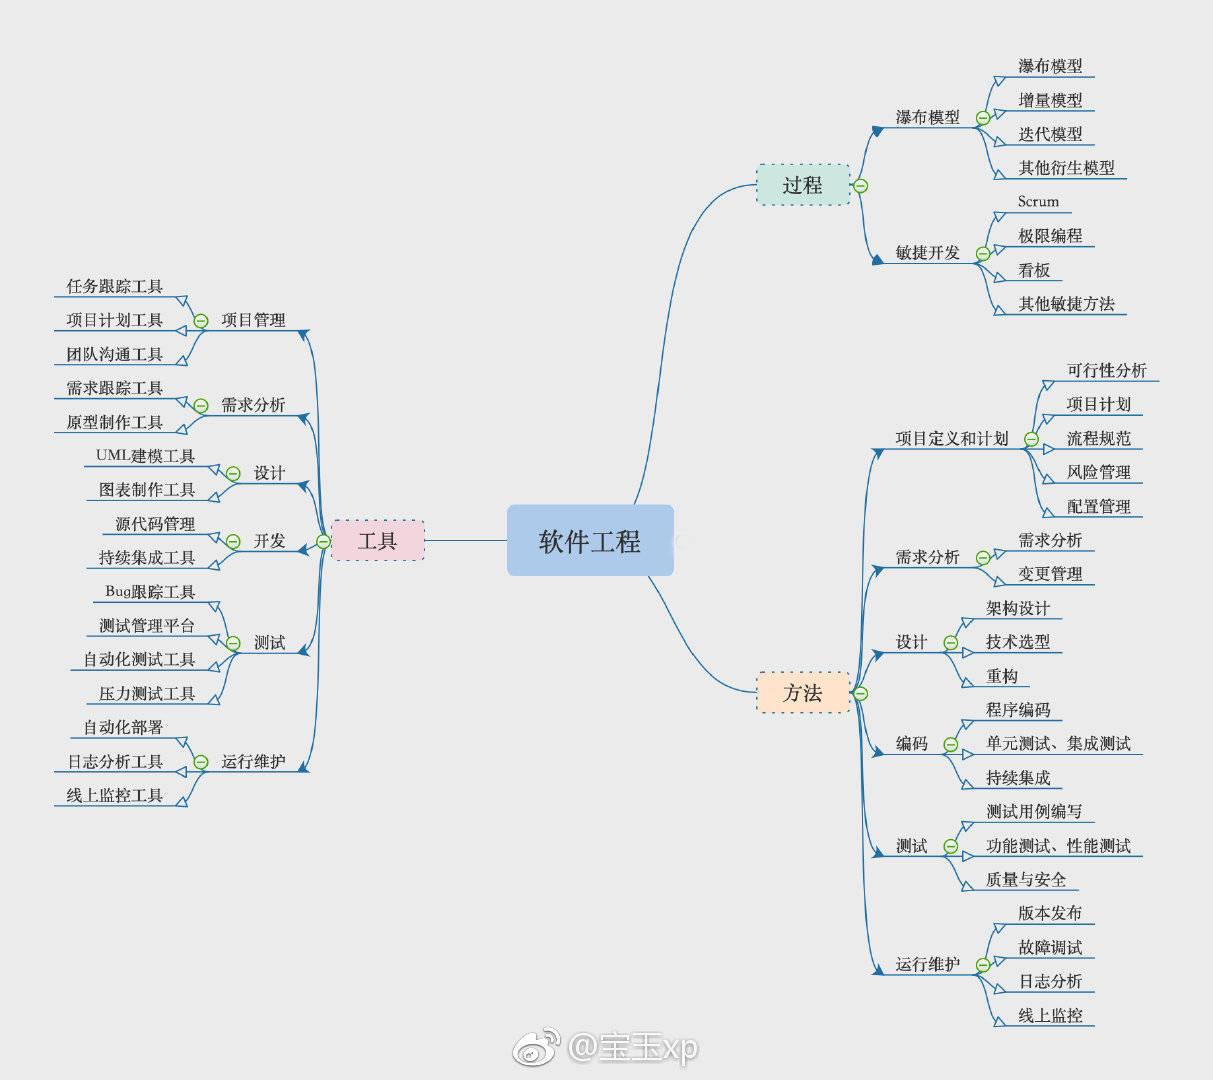 20190218-软件工程之美-by宝玉.JPG